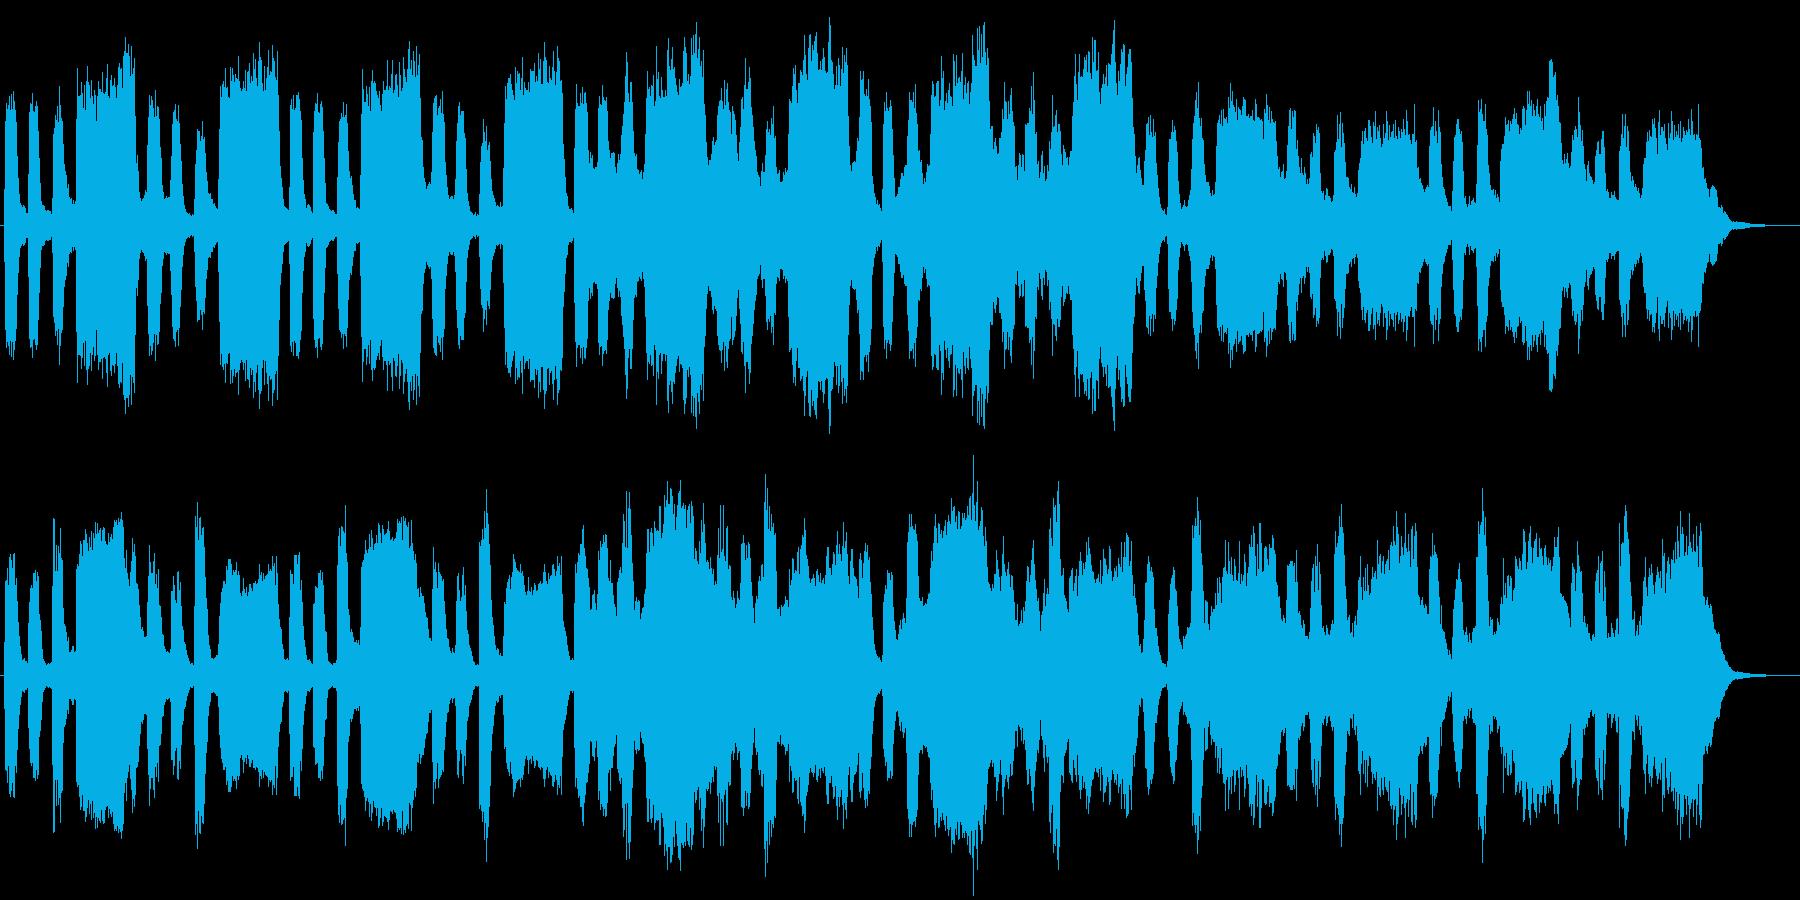 暗闇に潜むものを暗示する不安なBGMの再生済みの波形